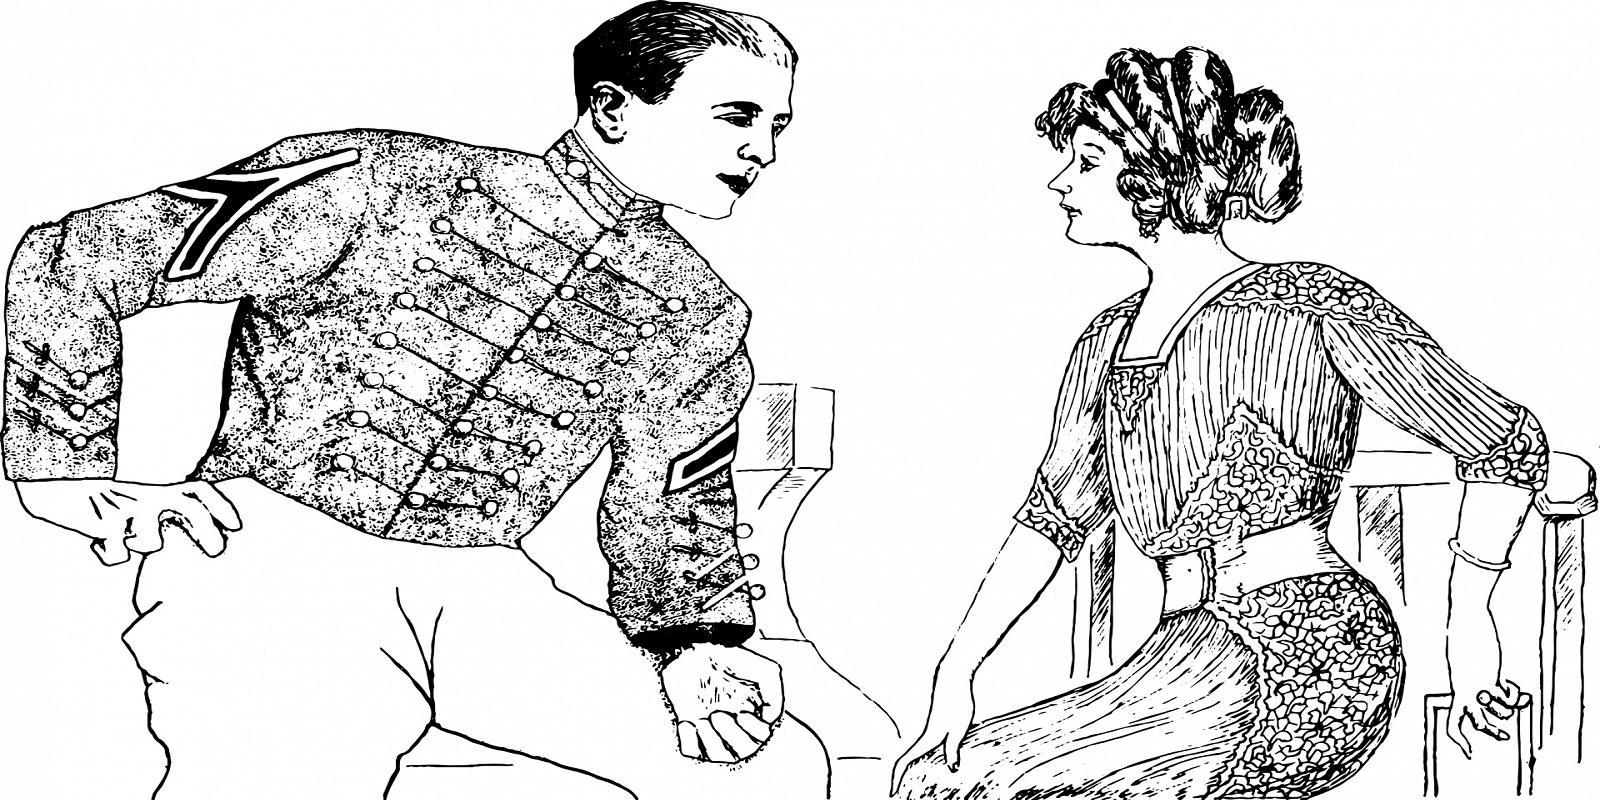 Disfunção Erétil ou Impotência Sexual